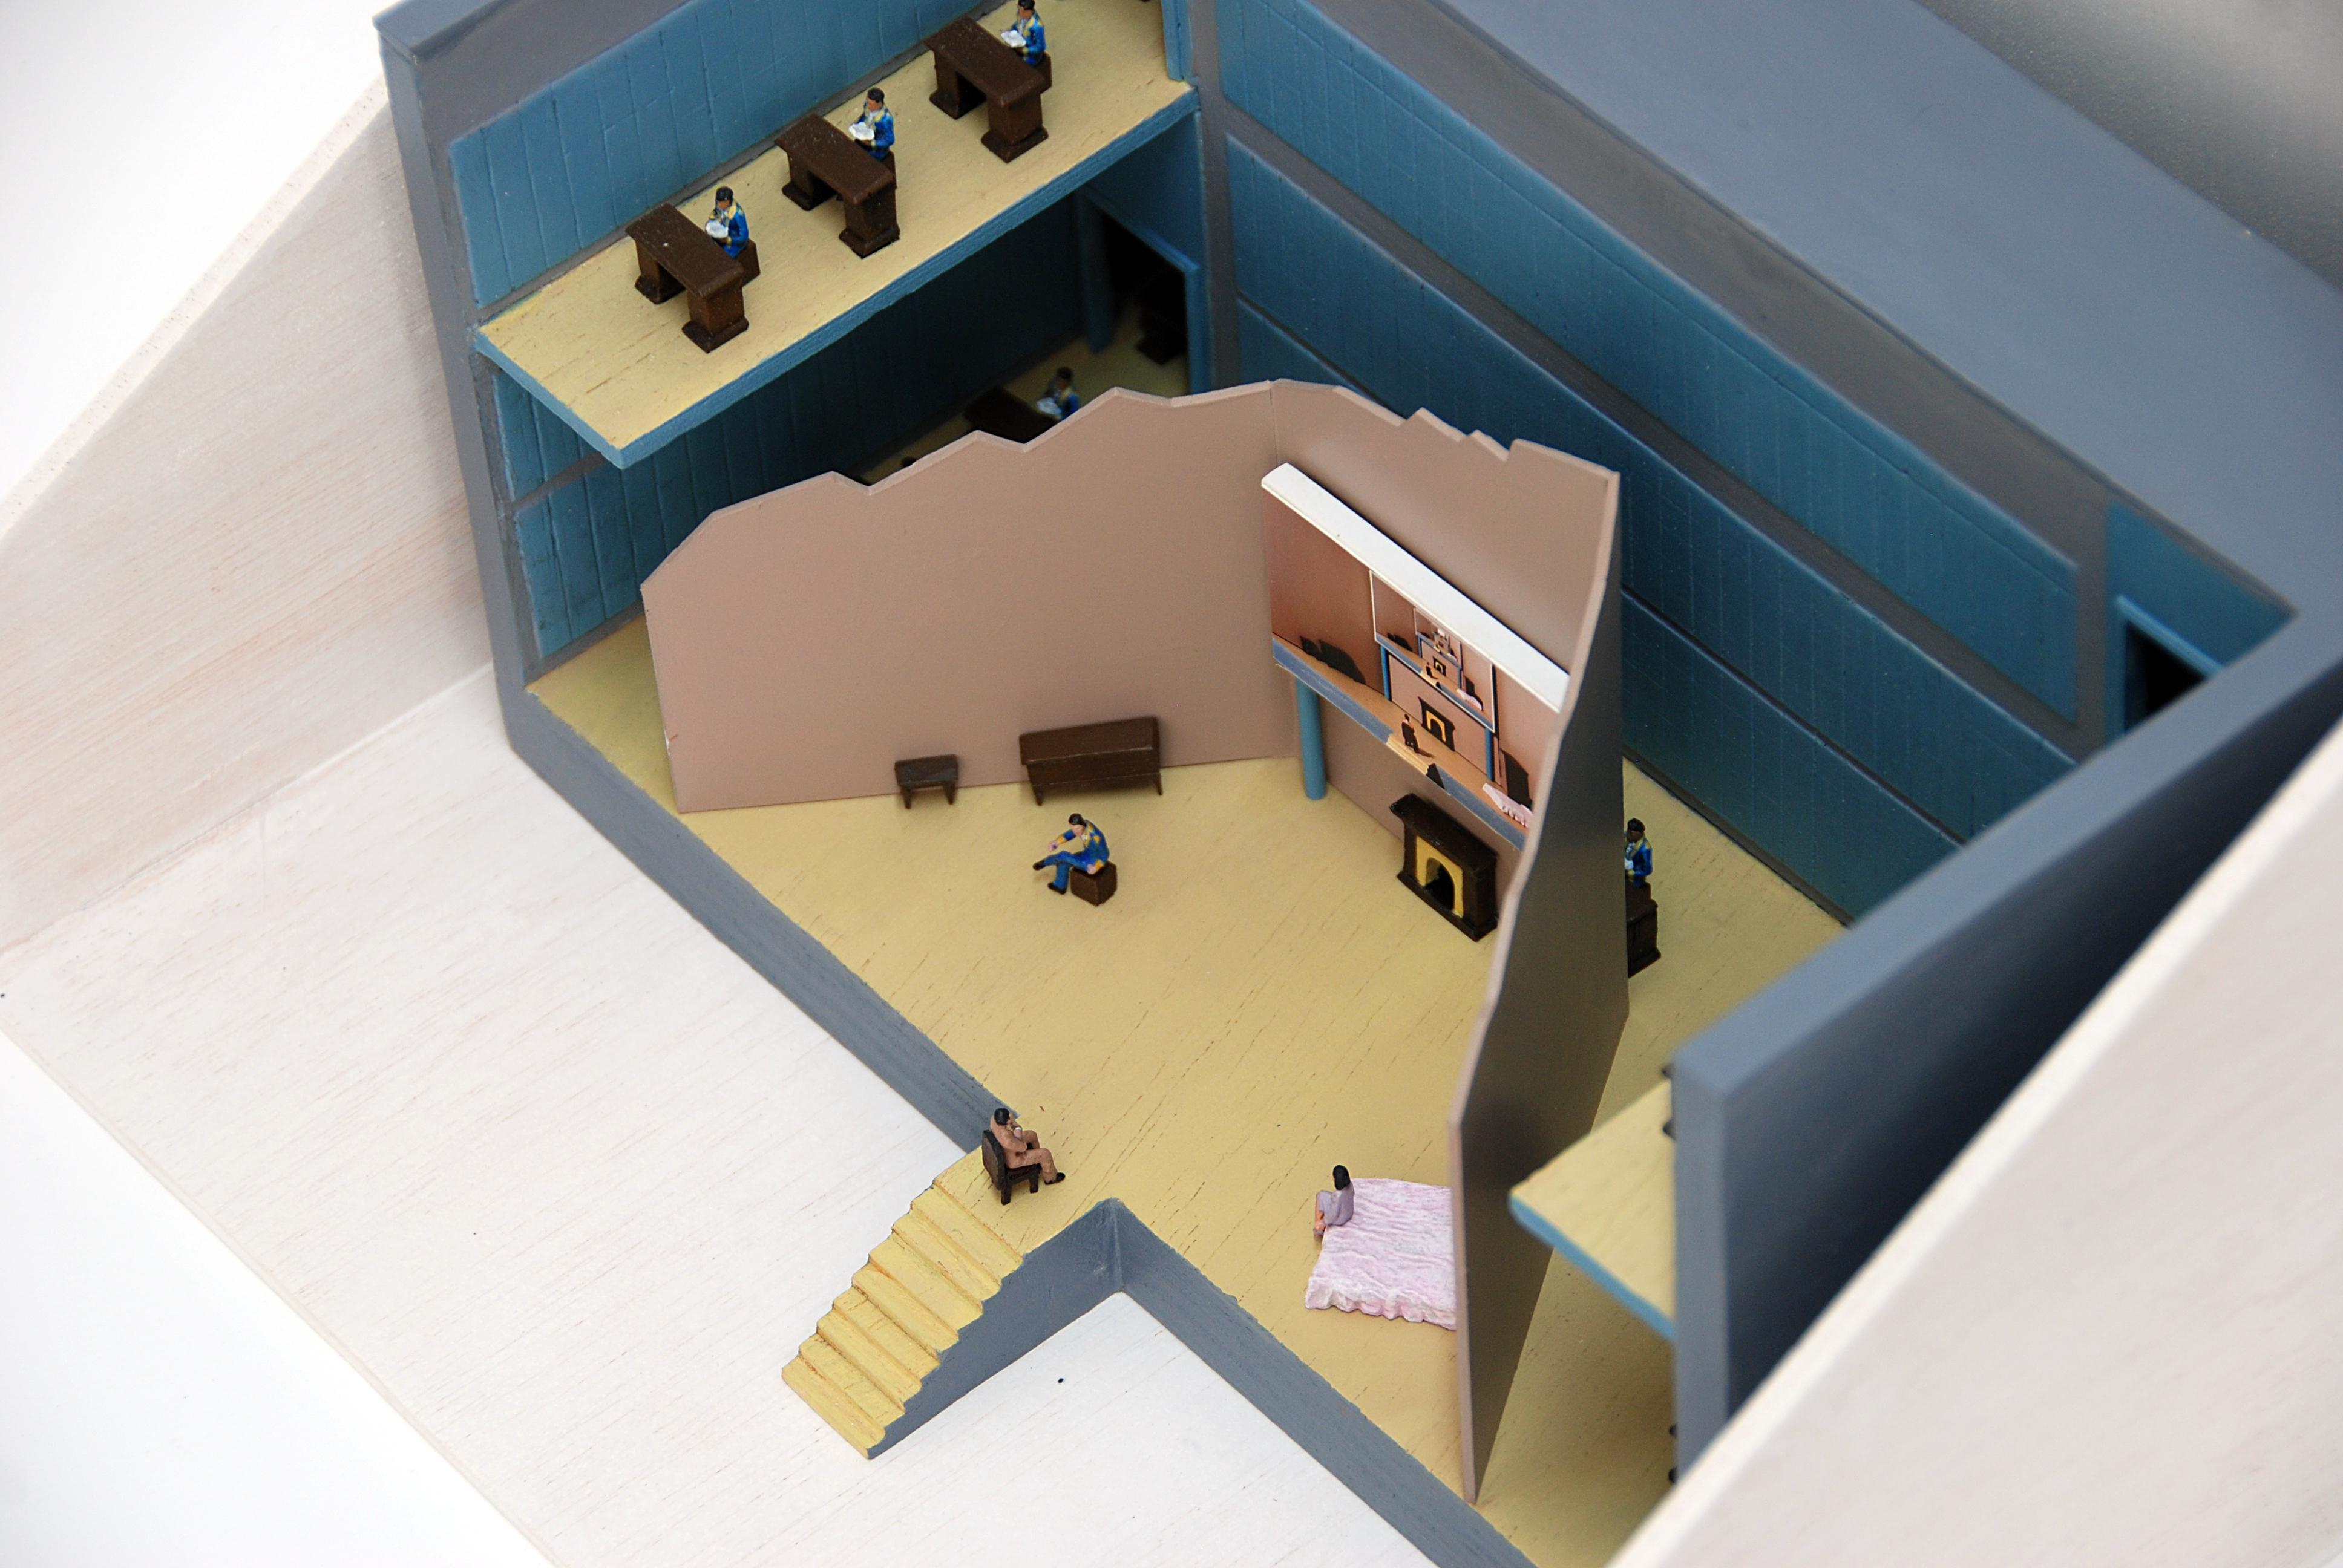 Visor de dioramas / Diorama viewer